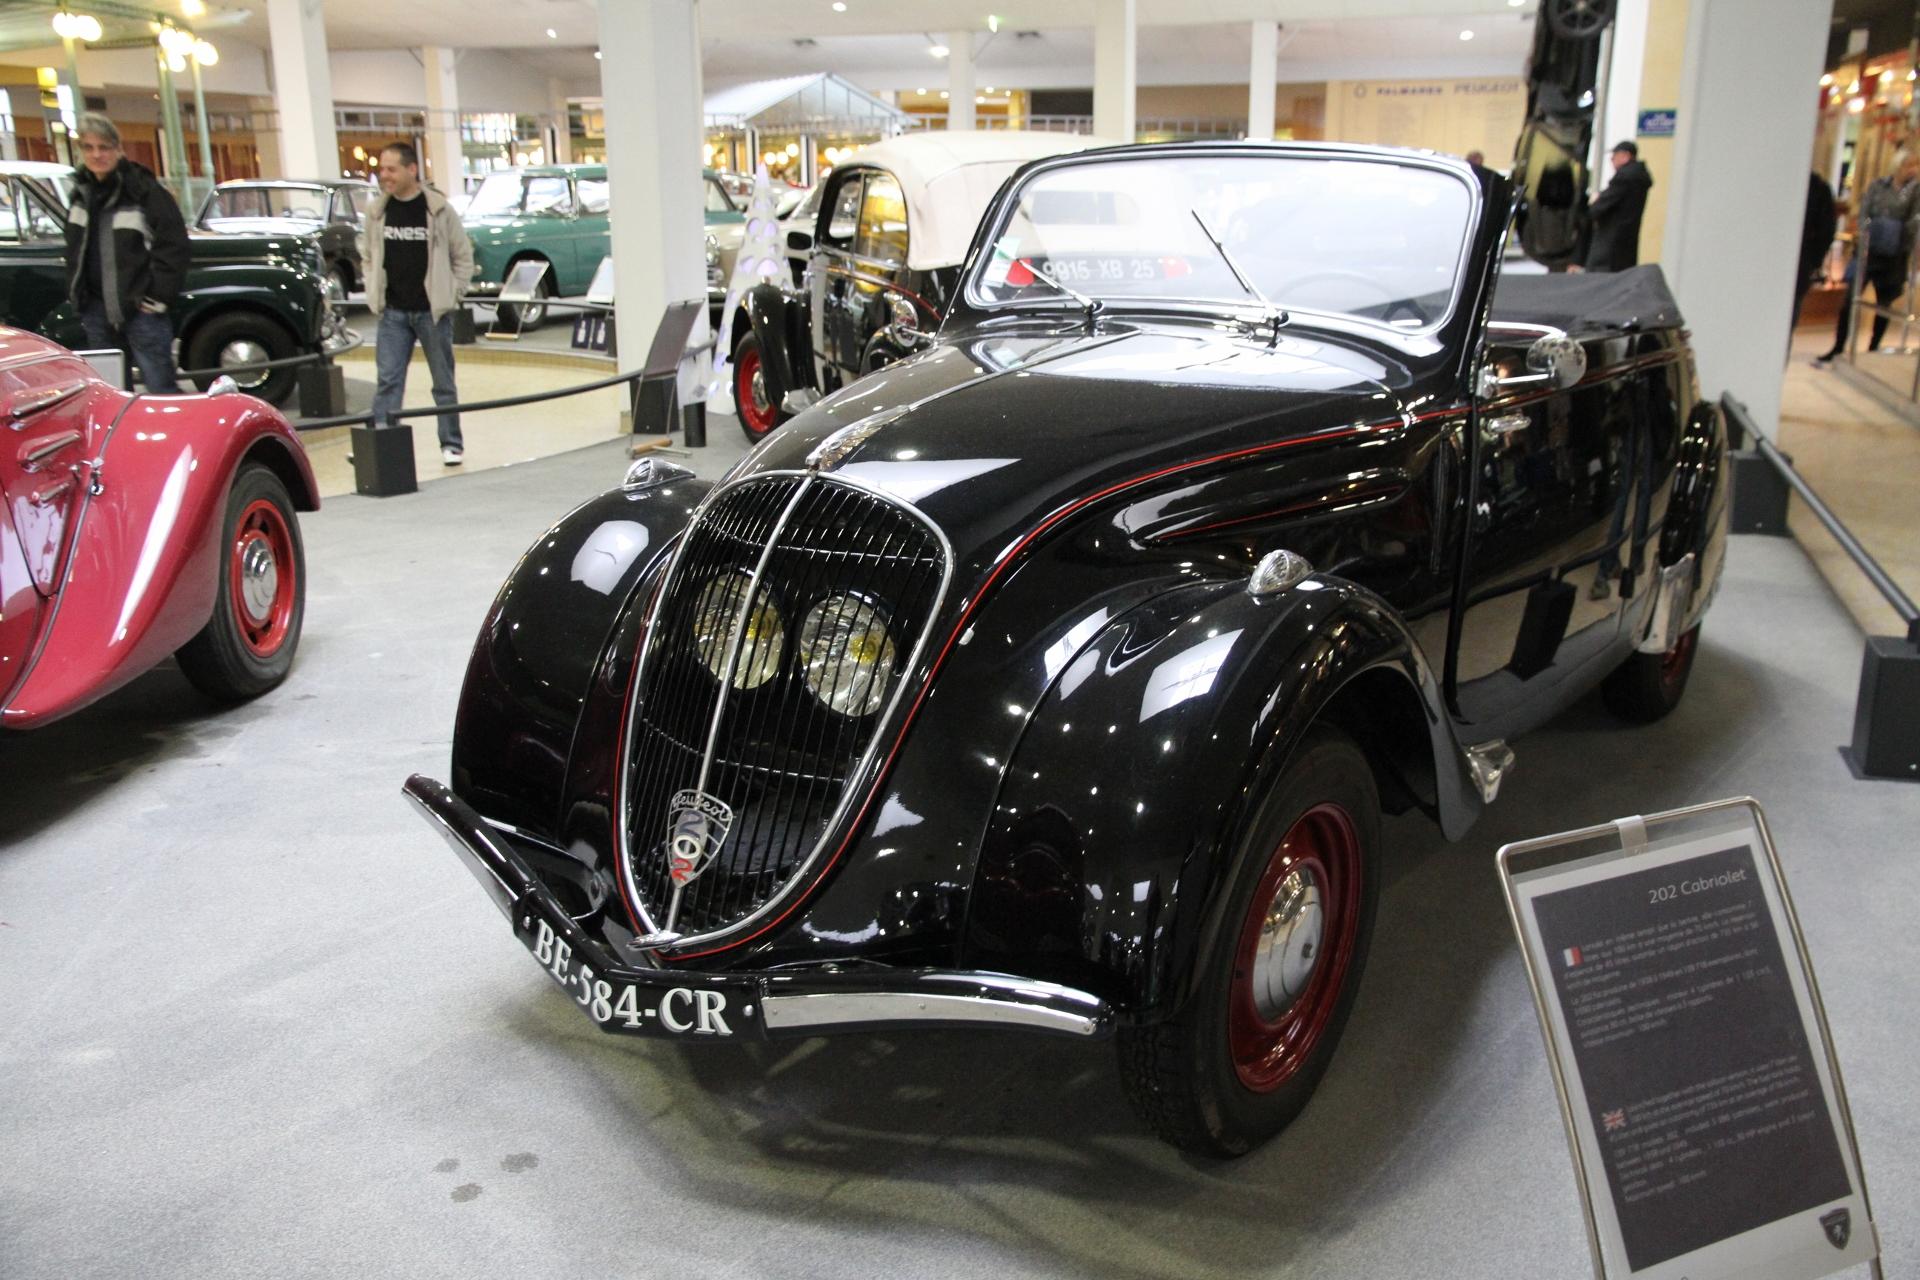 File:Peugeot 202 Cabriolet.jpg